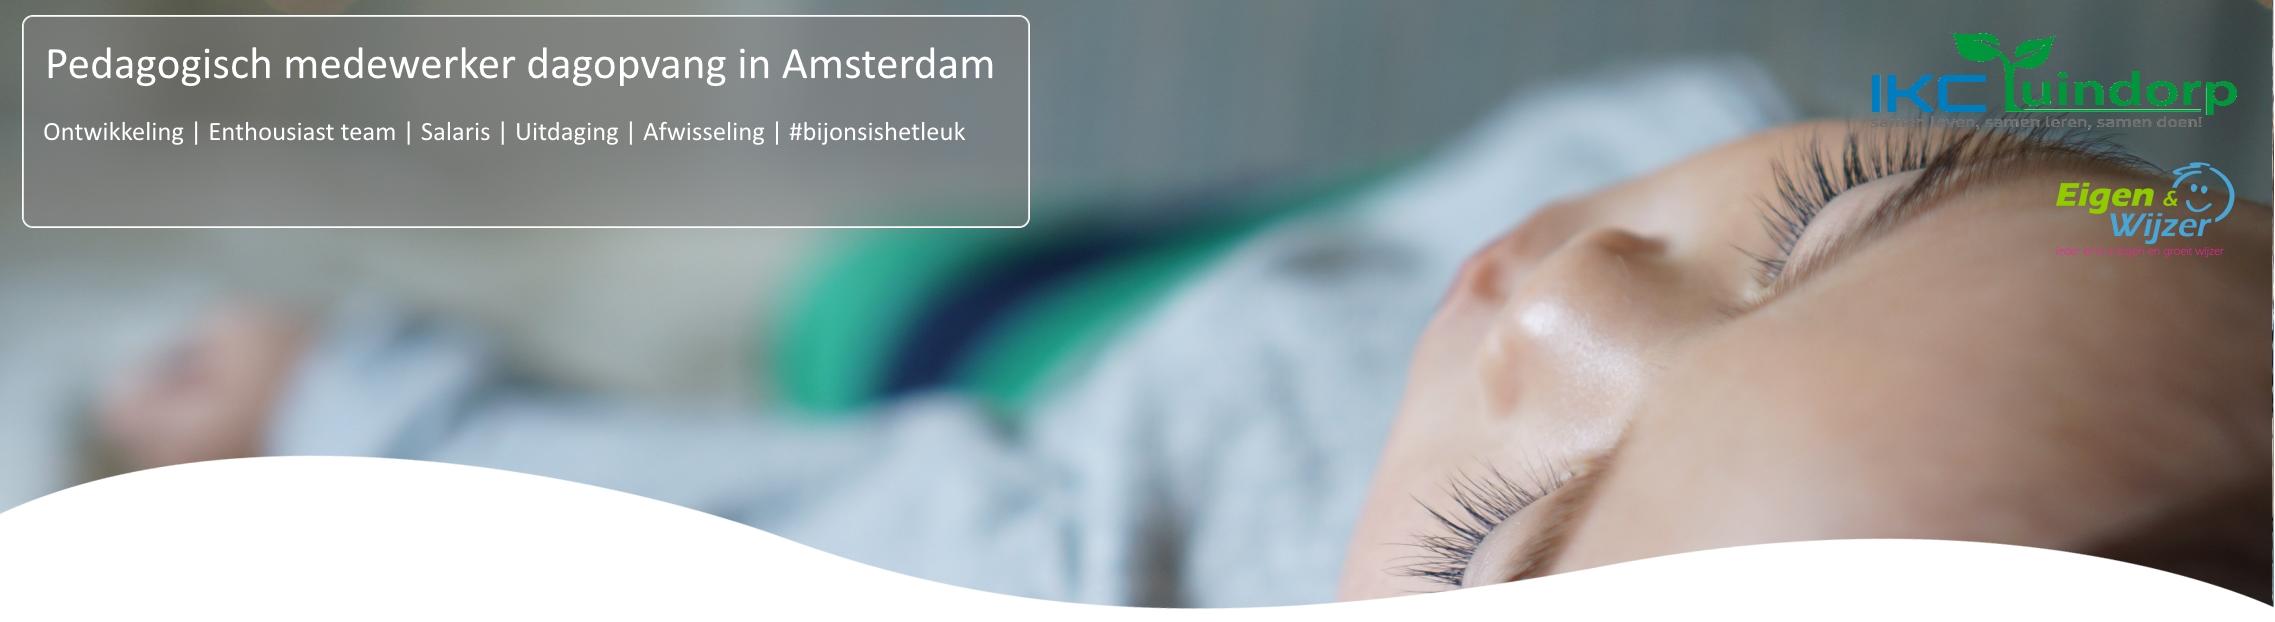 Vacature pedagogisch medewerker dagopvang Amsterdam